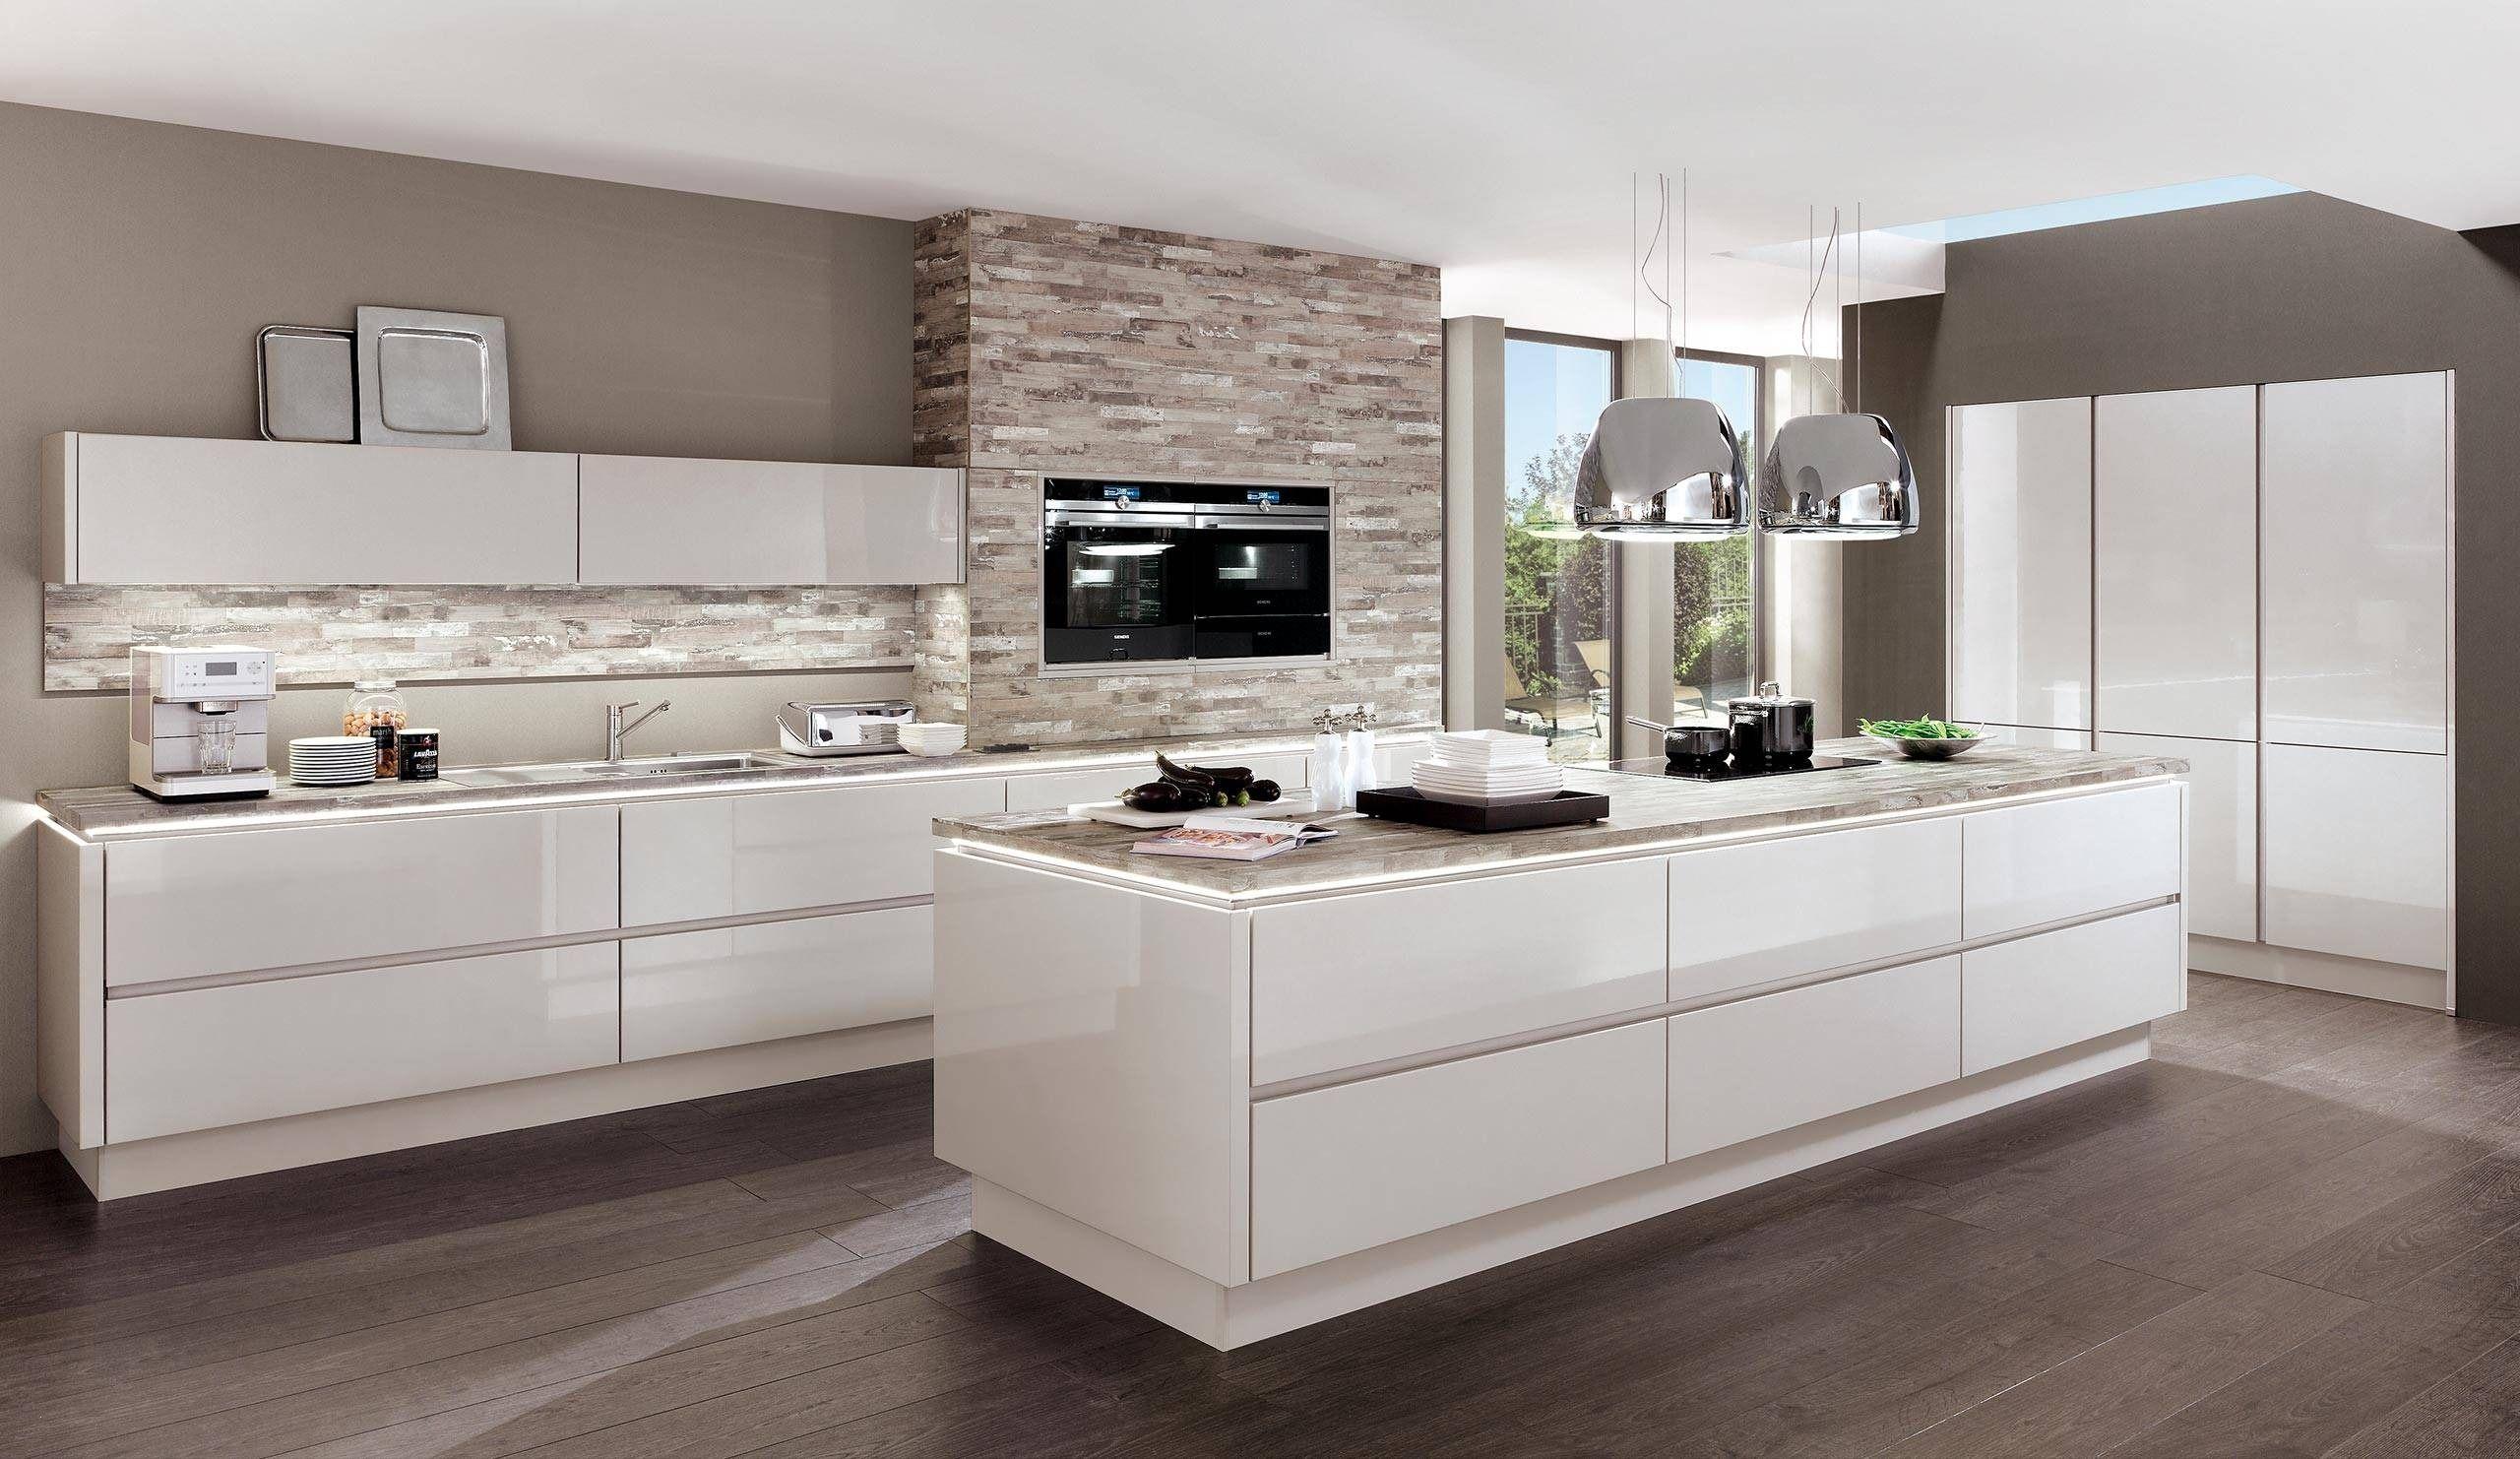 27 Genial Xxl Lutz Küche Modern kitchen design, Kitchen